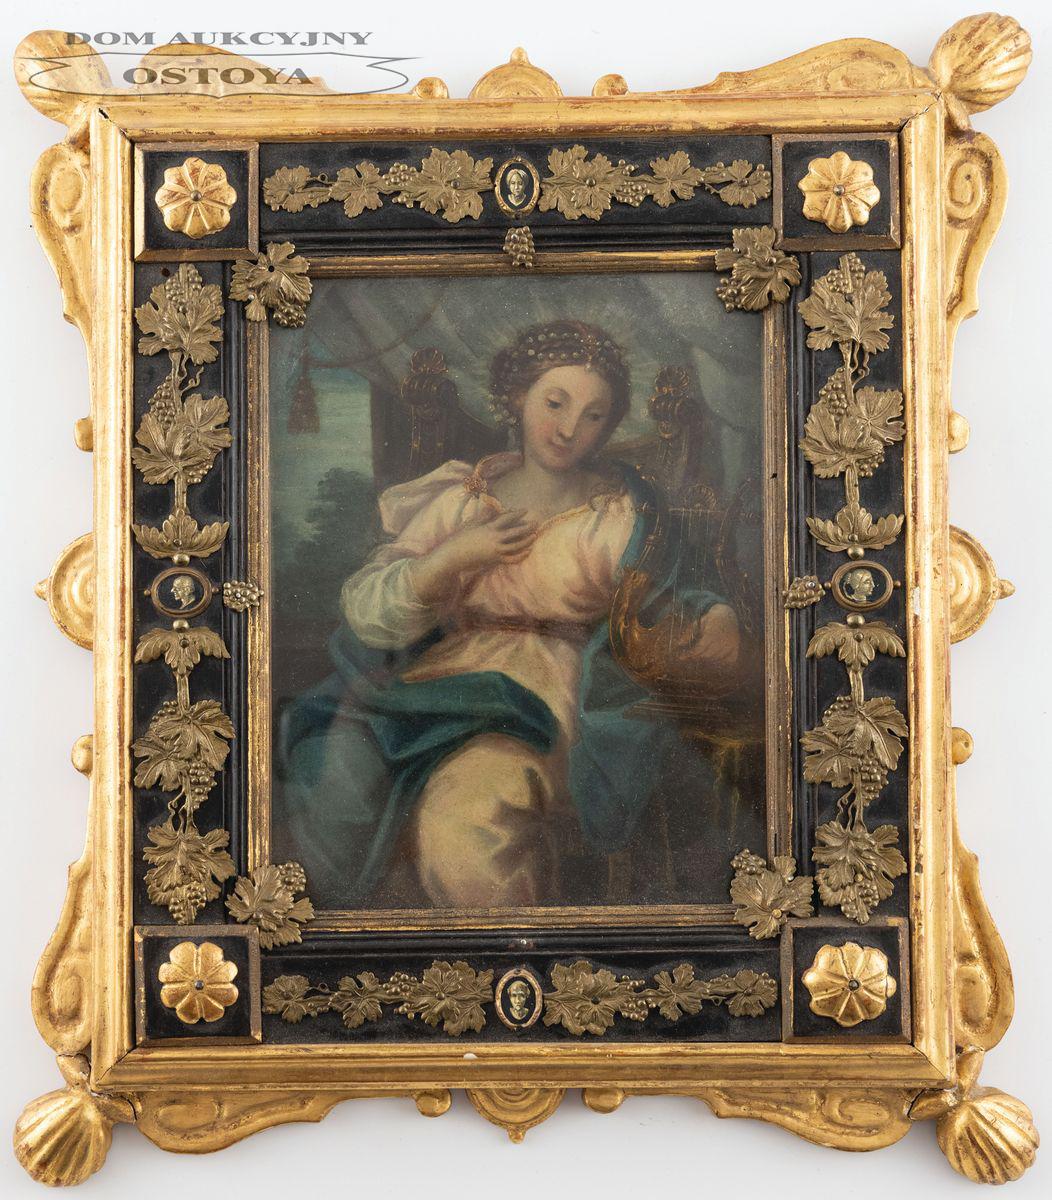 ŚWIĘTA CECYLIA, XVIII w.